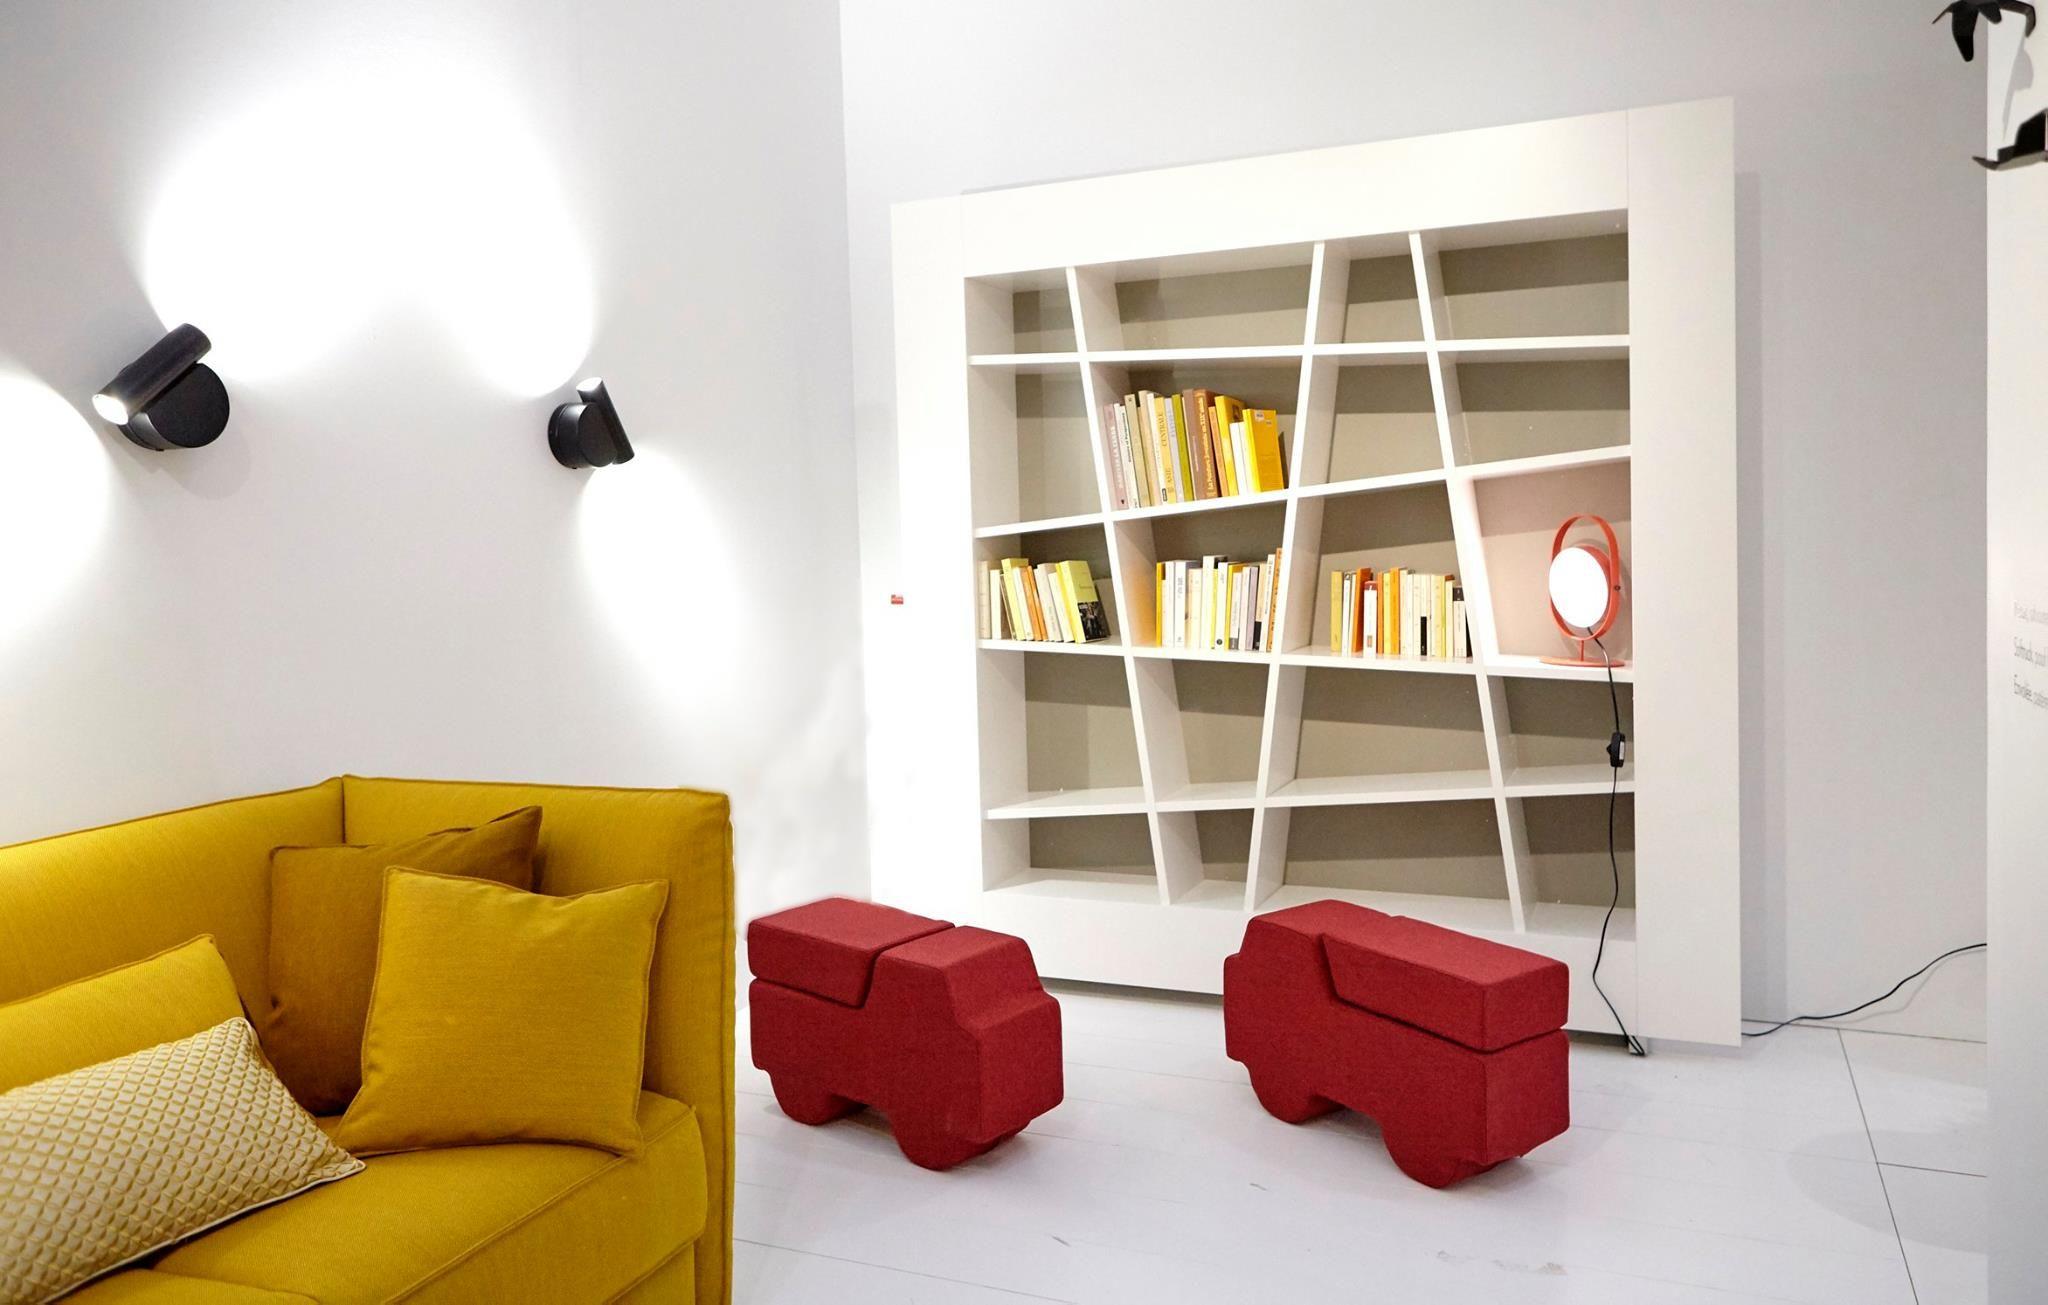 ligne roset at maison objet 2017 view highlights of the. Black Bedroom Furniture Sets. Home Design Ideas